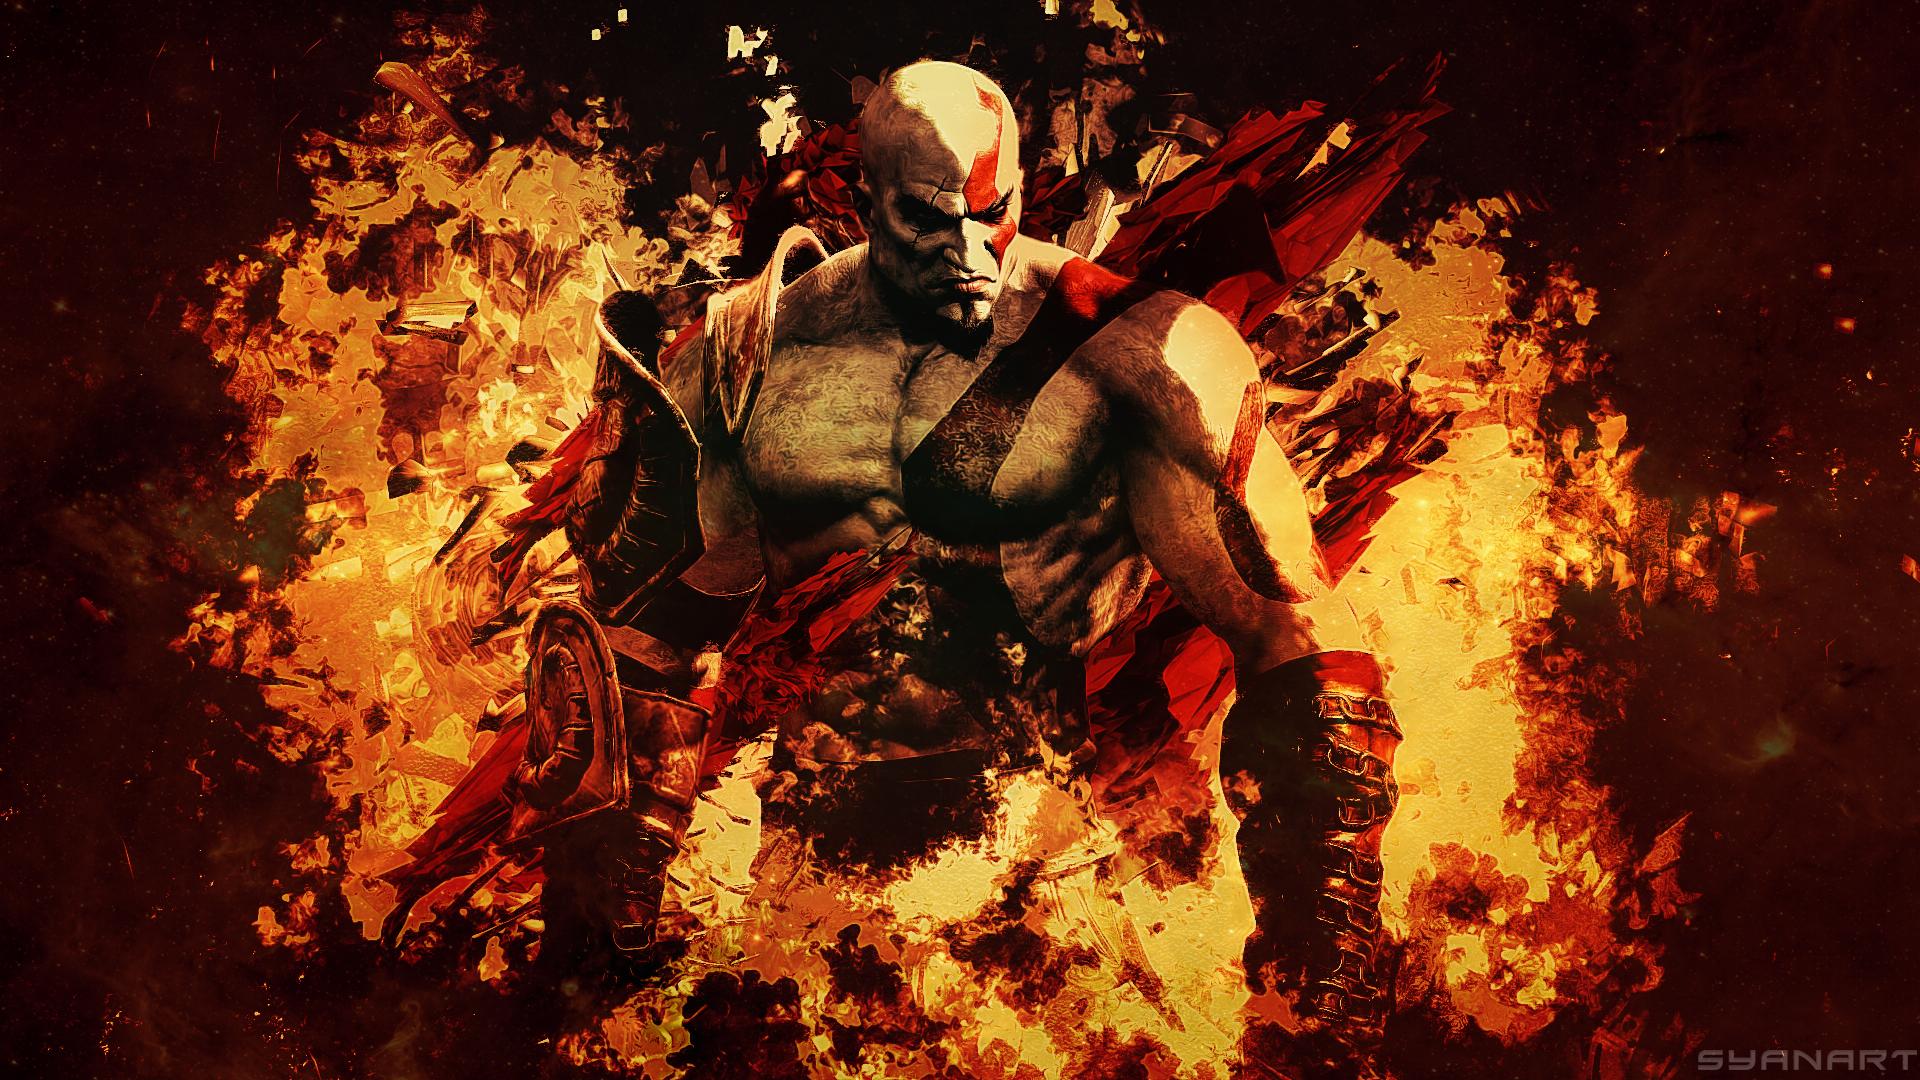 God Of War 3 Remastered Wallpaper Syanart Station